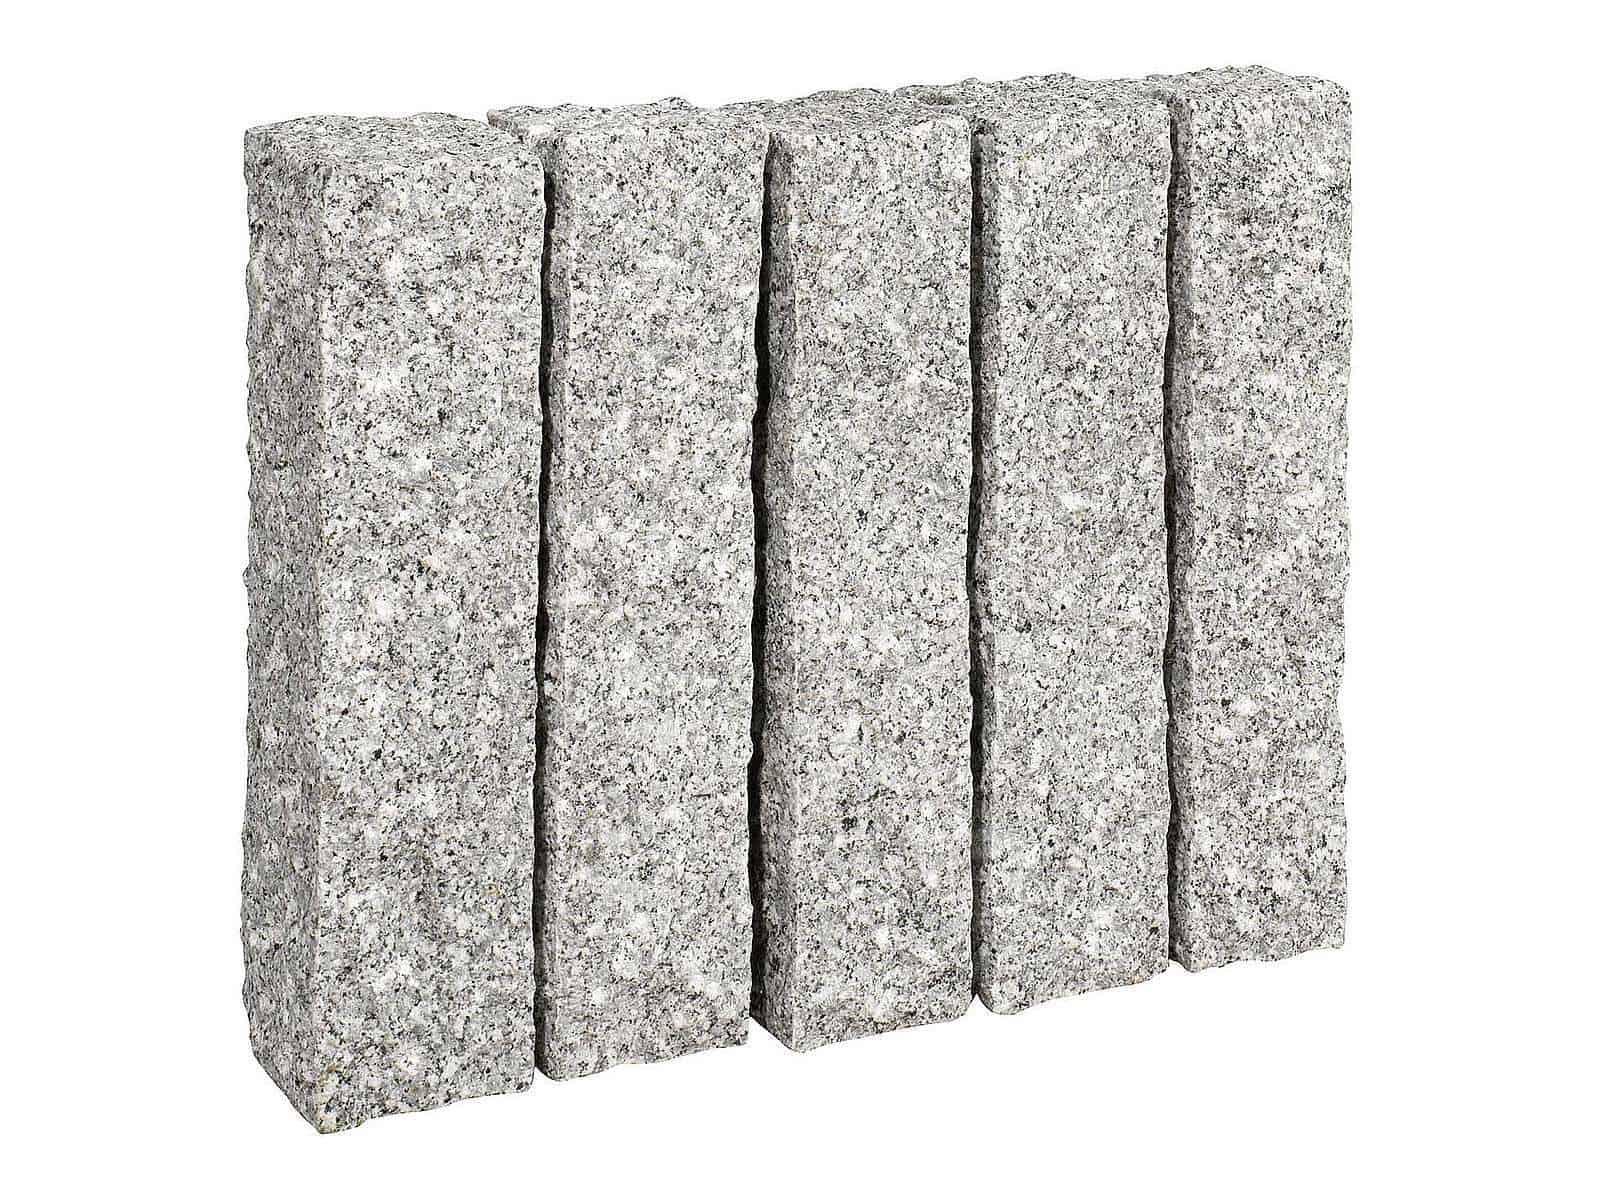 Palisade Granit Kristall grau - Granitpalisaden aus hellgaruem Granit. Allseitig grob gestockt/gespitzt in guter maflhaltiger Qualität.